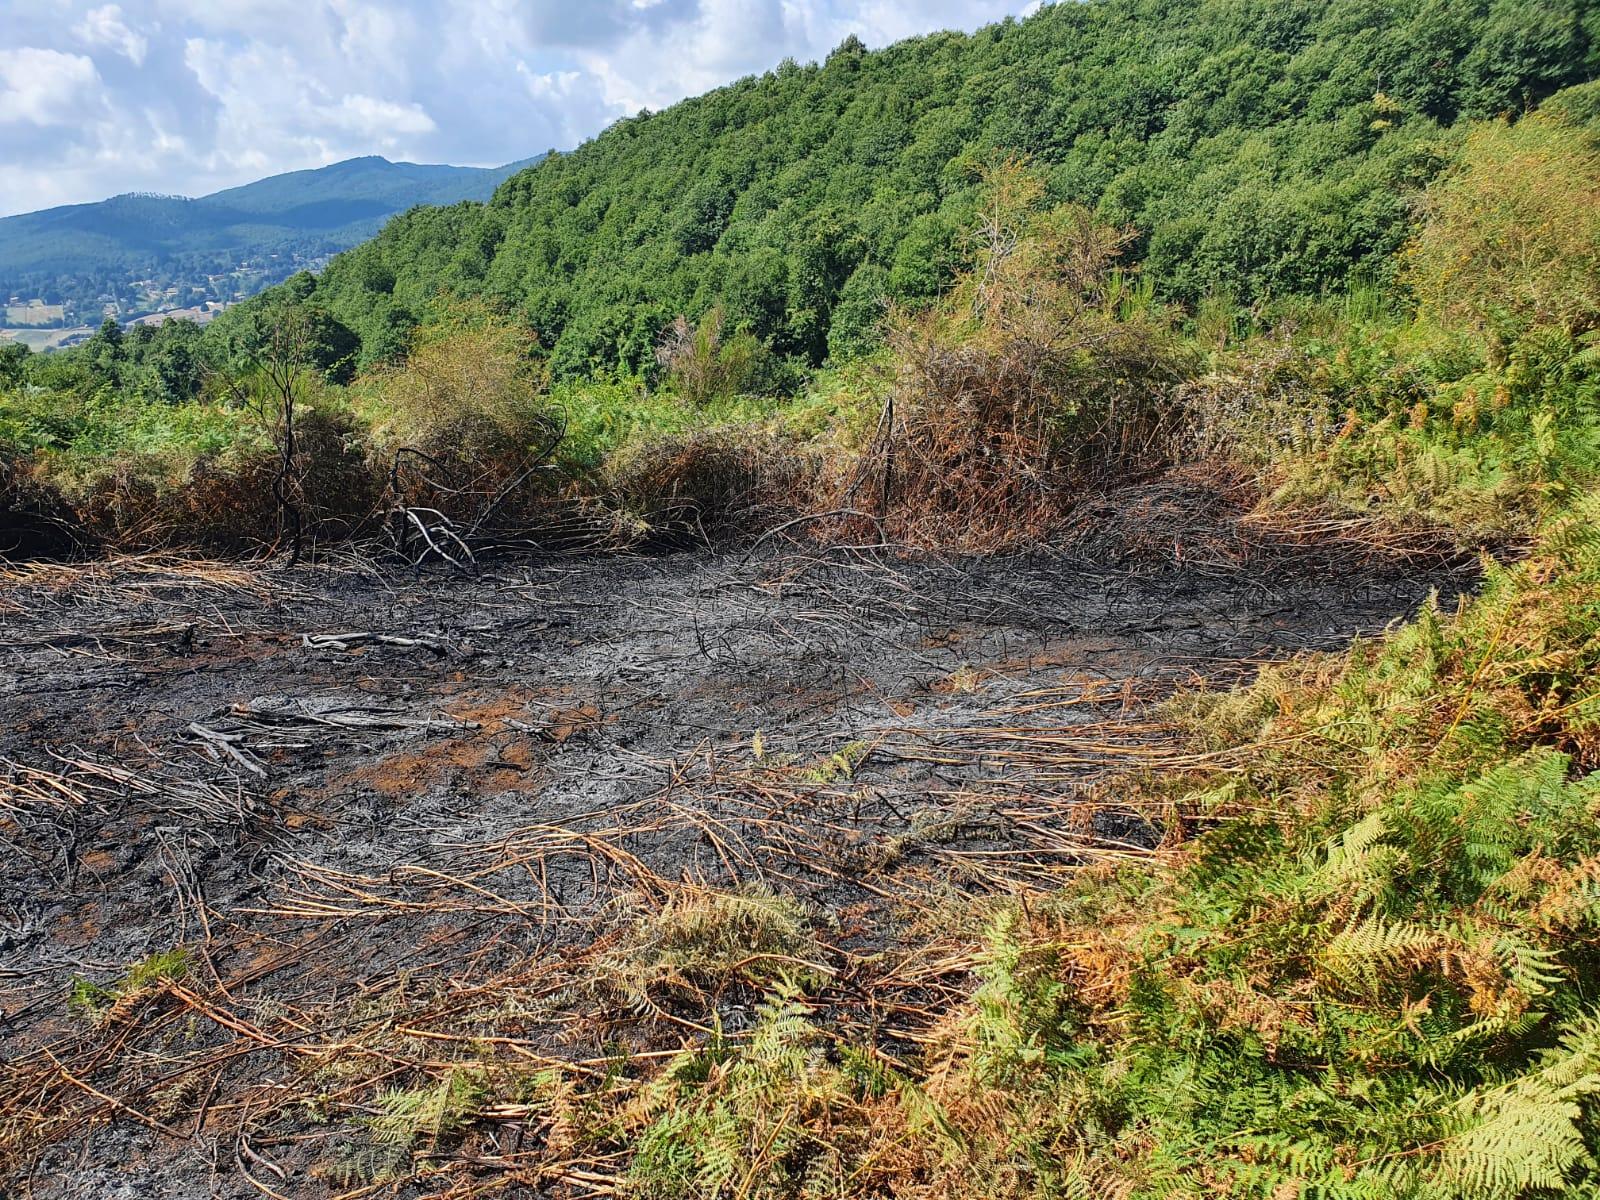 Rocca Priora, spento un incendio doloso sul Monte Ceraso